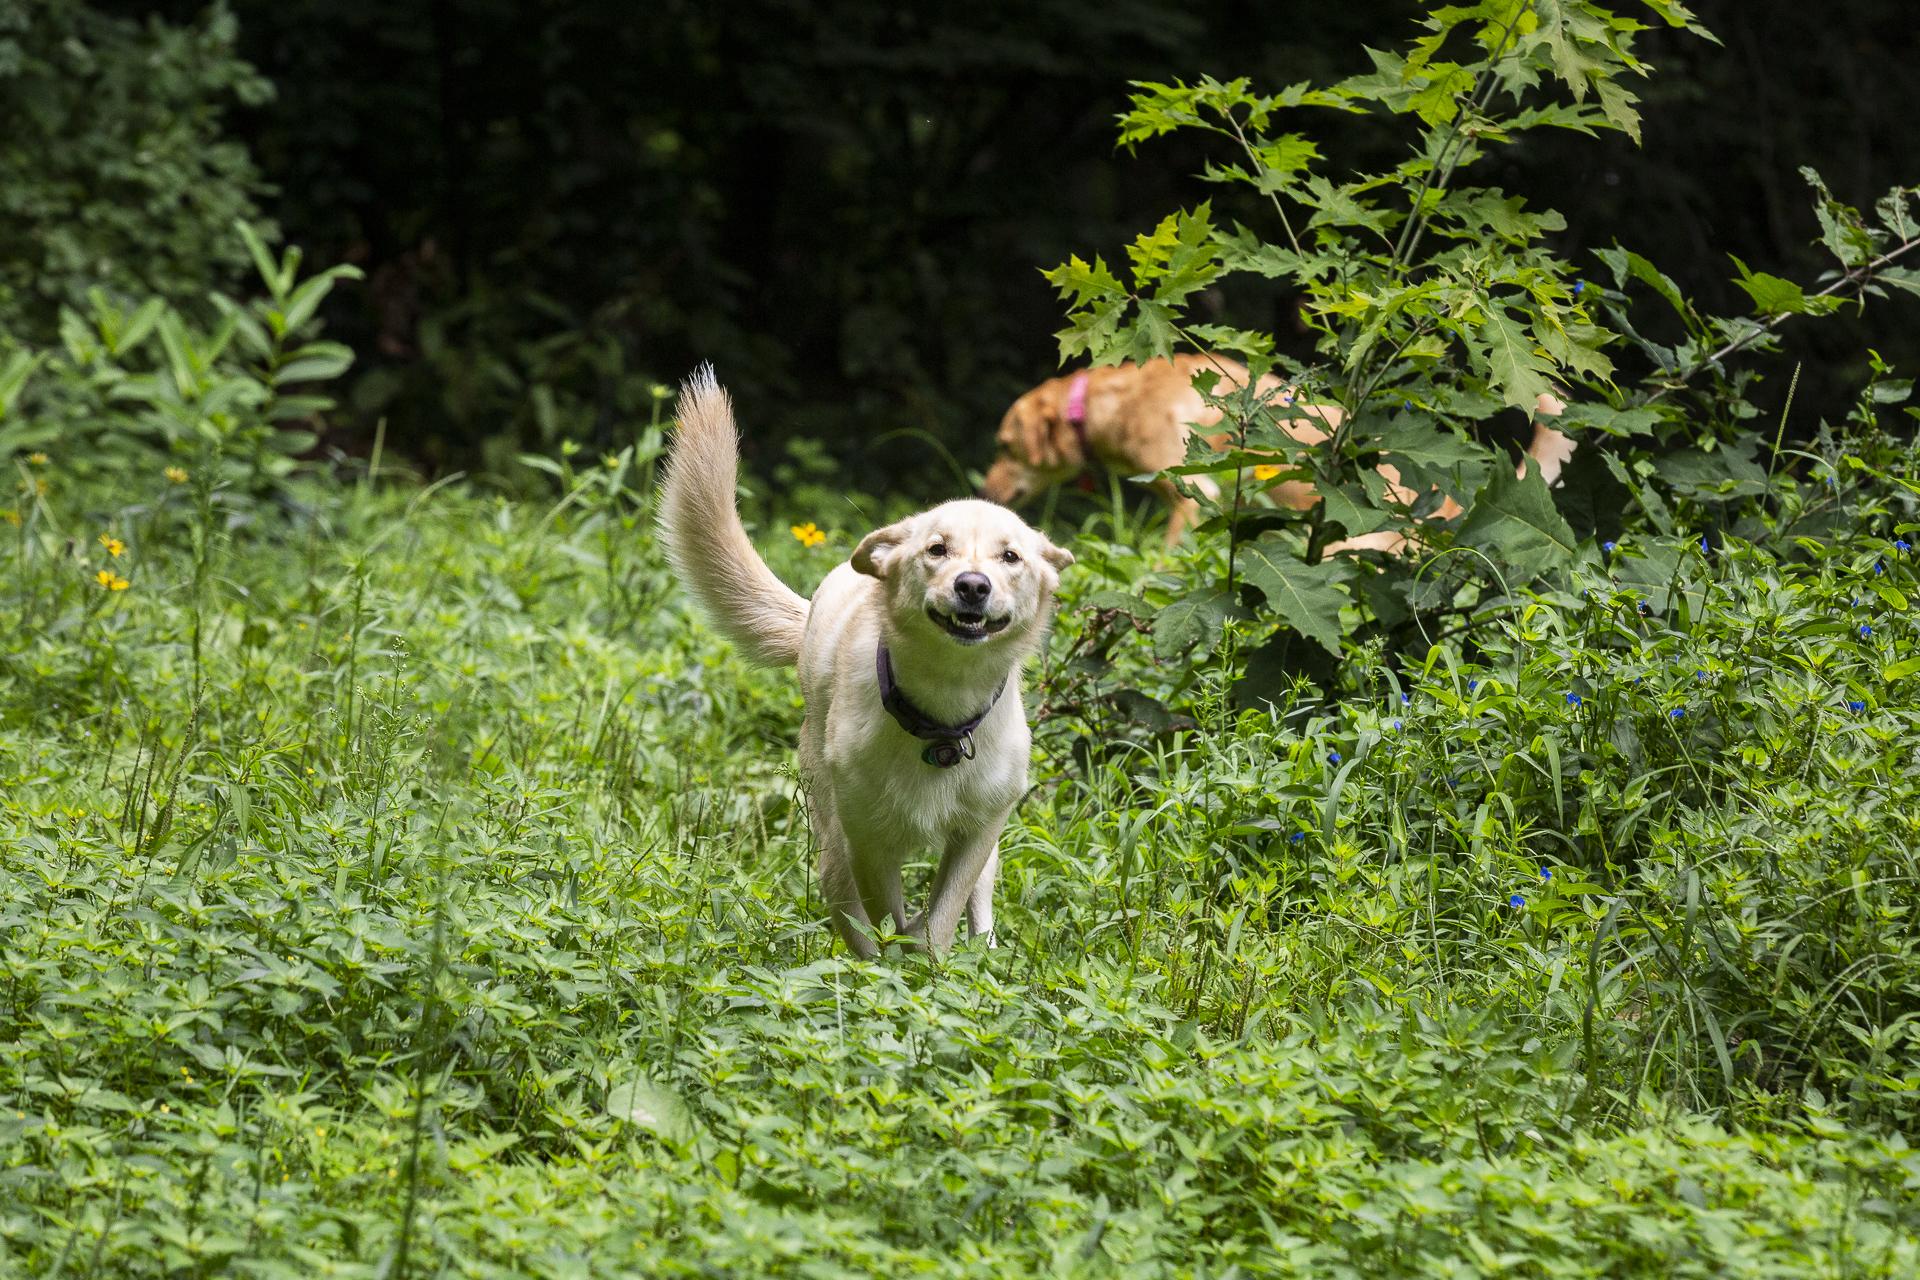 YAAAAAAAAAAYYYYYYYY!!!!!!!! I LOVE IT HERE! WEEEEEEEEEE I HAVE THE ZOOOOOOOMIES AND ROOM TO RUN!!! - - CaliBoarder